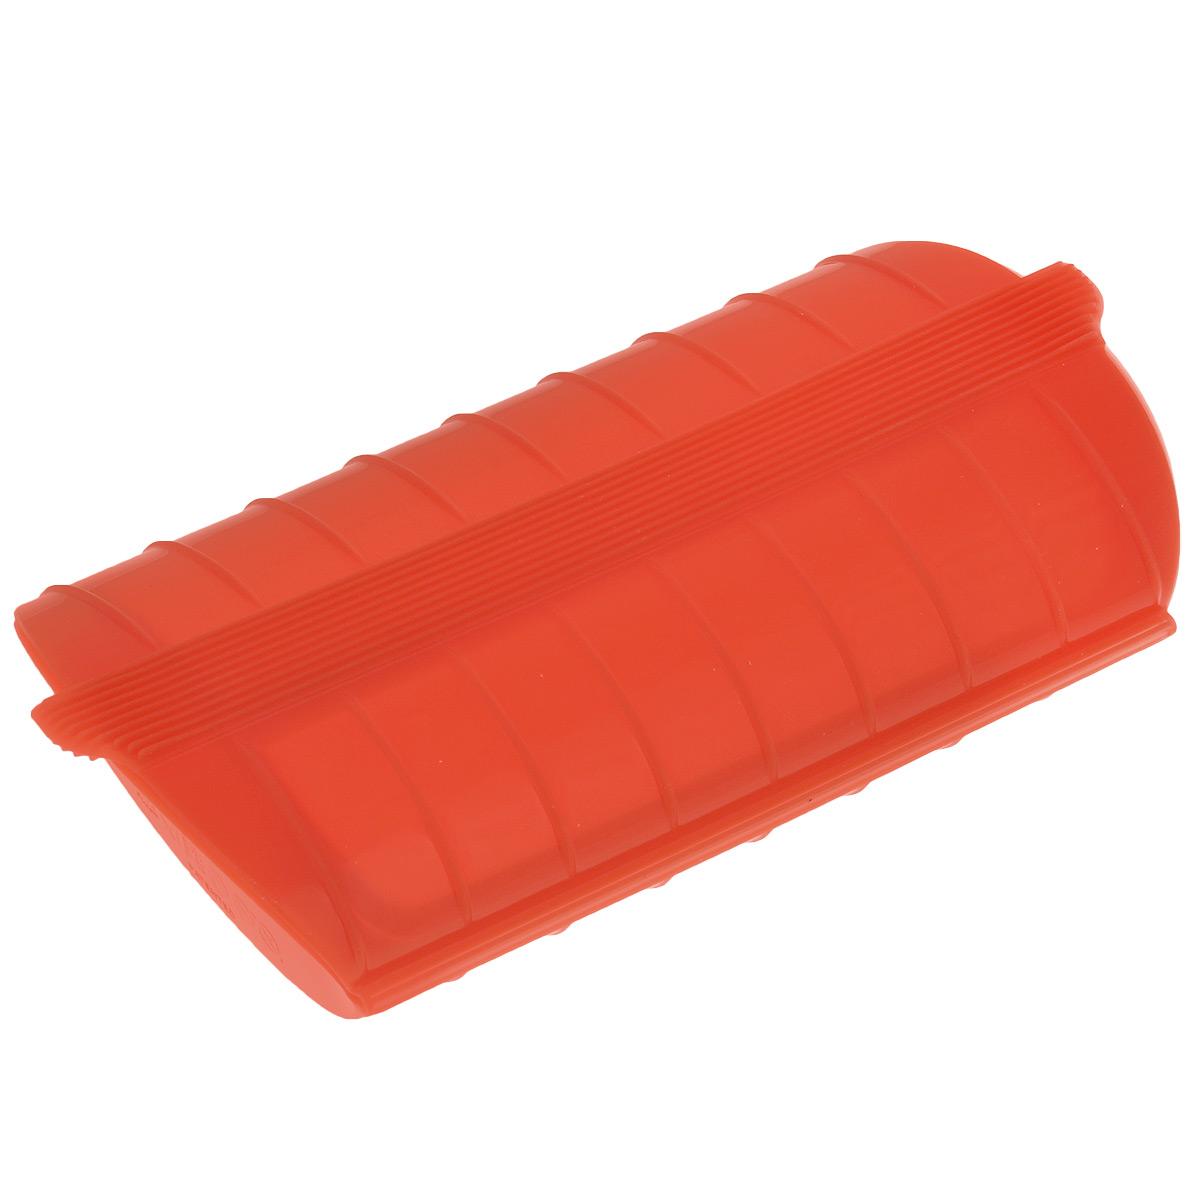 Конверт для запекания Lekue, цвет: красный, ПОДАРОК: цитрус-спрей Lekue6/16Конверт для запекания Lekue изготовлен из высококачественного пищевого силикона, который выдерживает температуру от -60°С до +220°С. Благодаря особым свойствам силикона, продукты остаются такими же сочными, не пригорают и равномерно пропекаются. Конверт делает оптимальным приготовление пищевых продуктов, делая более интенсивным вкус каждого из них и сохраняя все содержащиеся в них питательные вещества.Для конверта предусмотрен съемный внутренний поддон-решетка, который позволит стечь лишнему жиру и соку во время размораживания, хранения и приготовления. Приготовление пищи можно производить с поддоном или без него, в зависимости от желаемого результата. Конверт закрывается, поэтому жир не разбрызгивается по стенкам духовки. Приготовленное блюдо легко вынимается из конверта и позволяет приготовить одновременно до двух порций. Идеально подходит для приготовления мяса, курицы или рыбы. В дополнение к основным достоинствам конверта для запекания с поддоном - он невероятно практичен и легко моется как традиционным способом, так и в посудомоечной машине.Можно использовать в духовке и микроволновой печи.В подарок к контейнеру идет цитрус-спрей Lekue.Цитрус-спрей Lekue - это насадка с клапаном, выполнена из пластика. Предназначена для того чтобы придать фирменному блюду или напитку настоящий цитрусовый вкус.Метод использования очень прост: срежьте верхнюю часть цитрусового плода, ввинтите в мякоть и уникальный цитрусовый спрей готов. Насадку можно использовать для всех видов цитрусовых: лимонов и апельсинов, мандаринов, лаймов, грейпфрутов и других.Размер цитрус-спрея: 9,5 х 4,5 х 4,5 см.